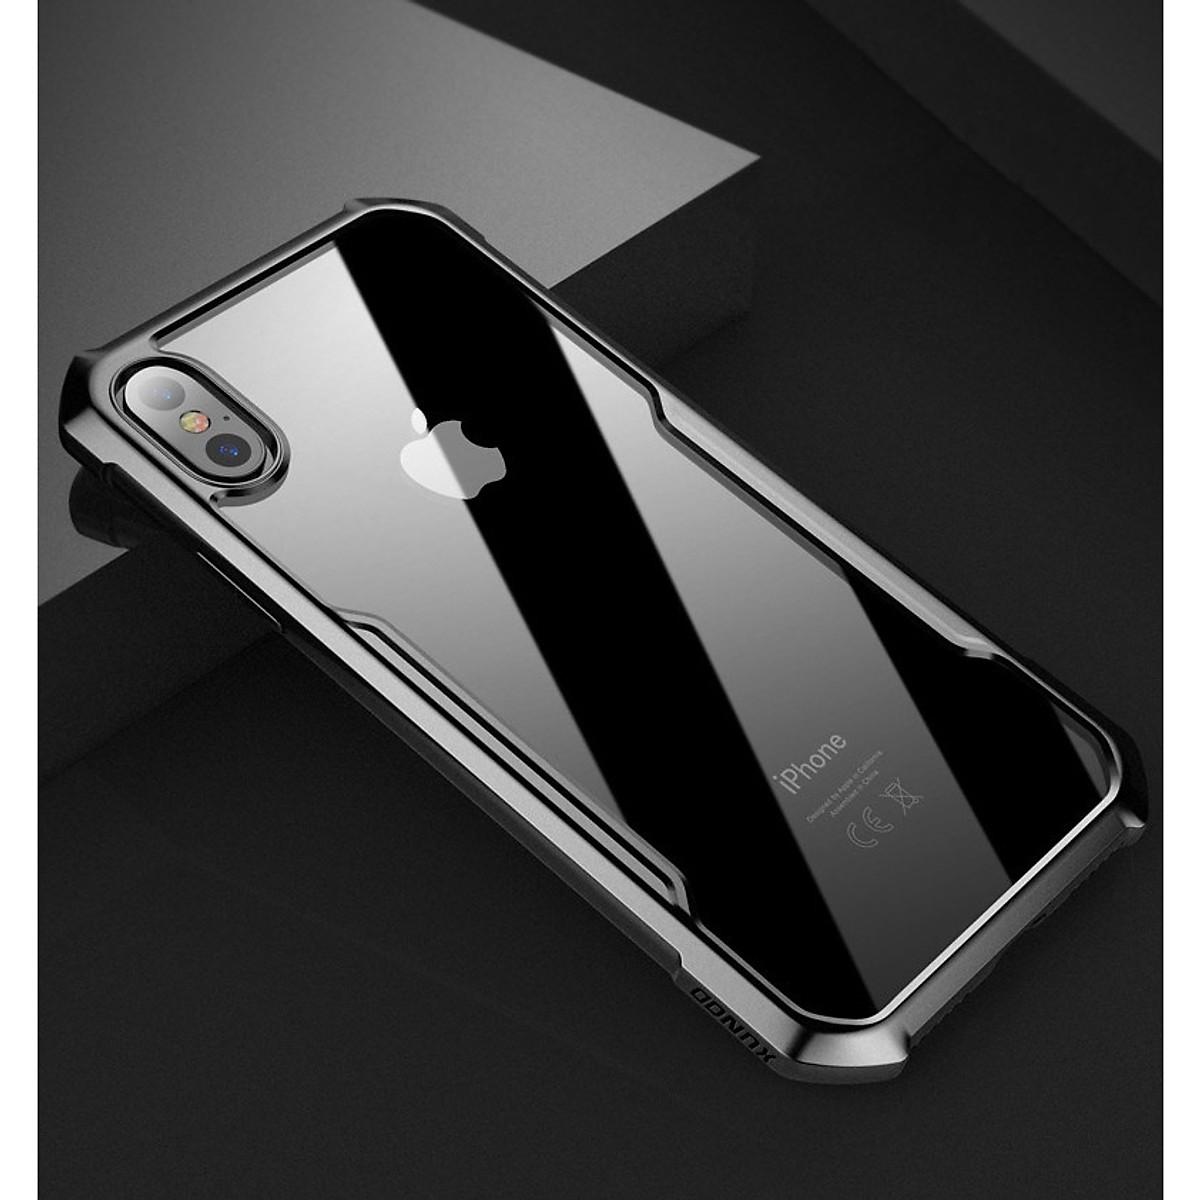 ốp lưng cho iphone Xs max chống sốc - chính hãng Xundd